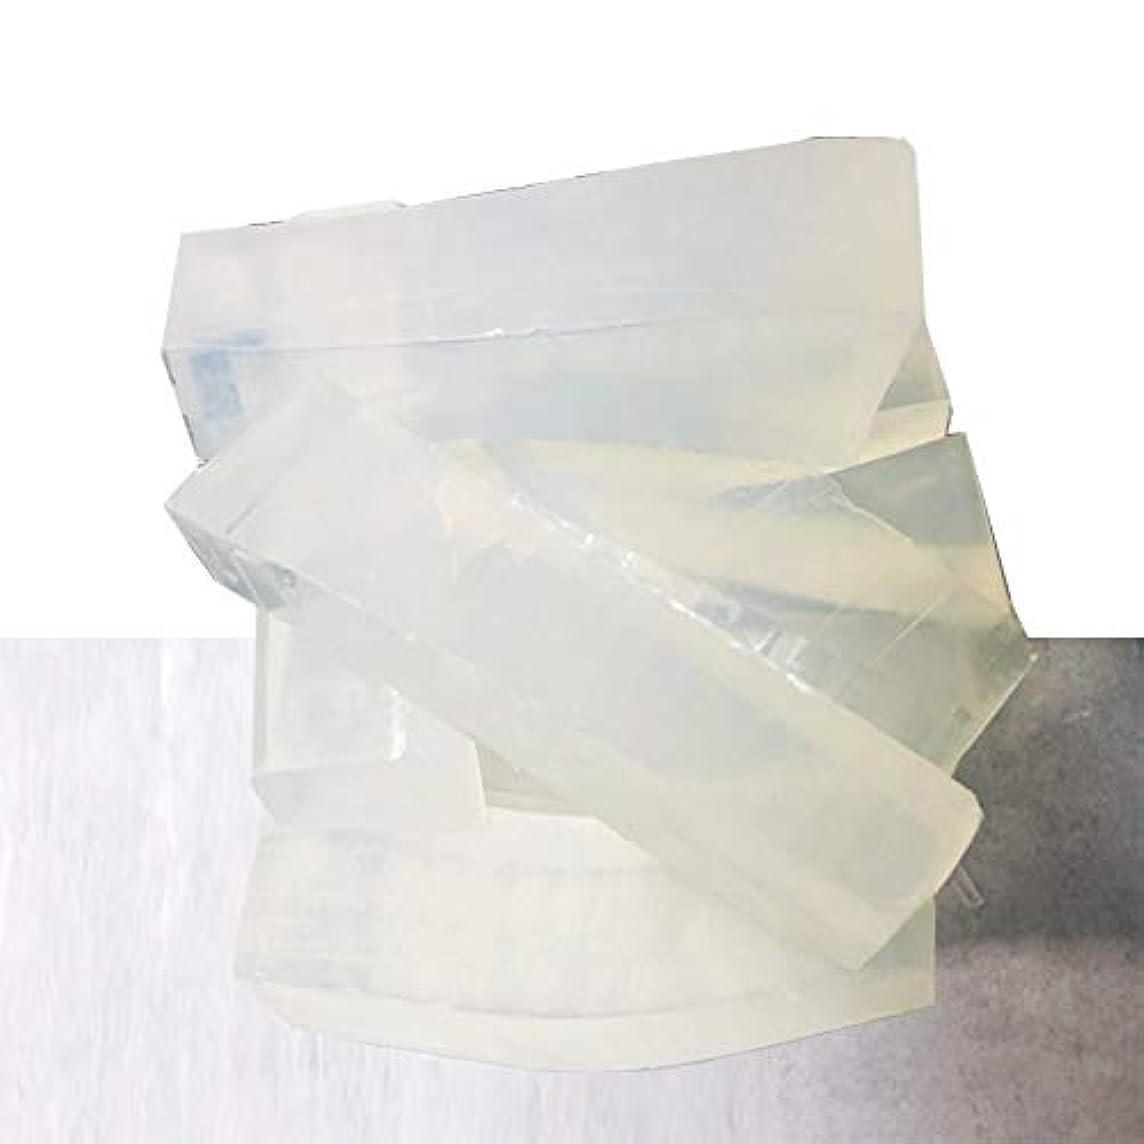 絶縁するハプニングデンプシーグリセリンソープ(MPソープ)2kg(2,000g)クリア